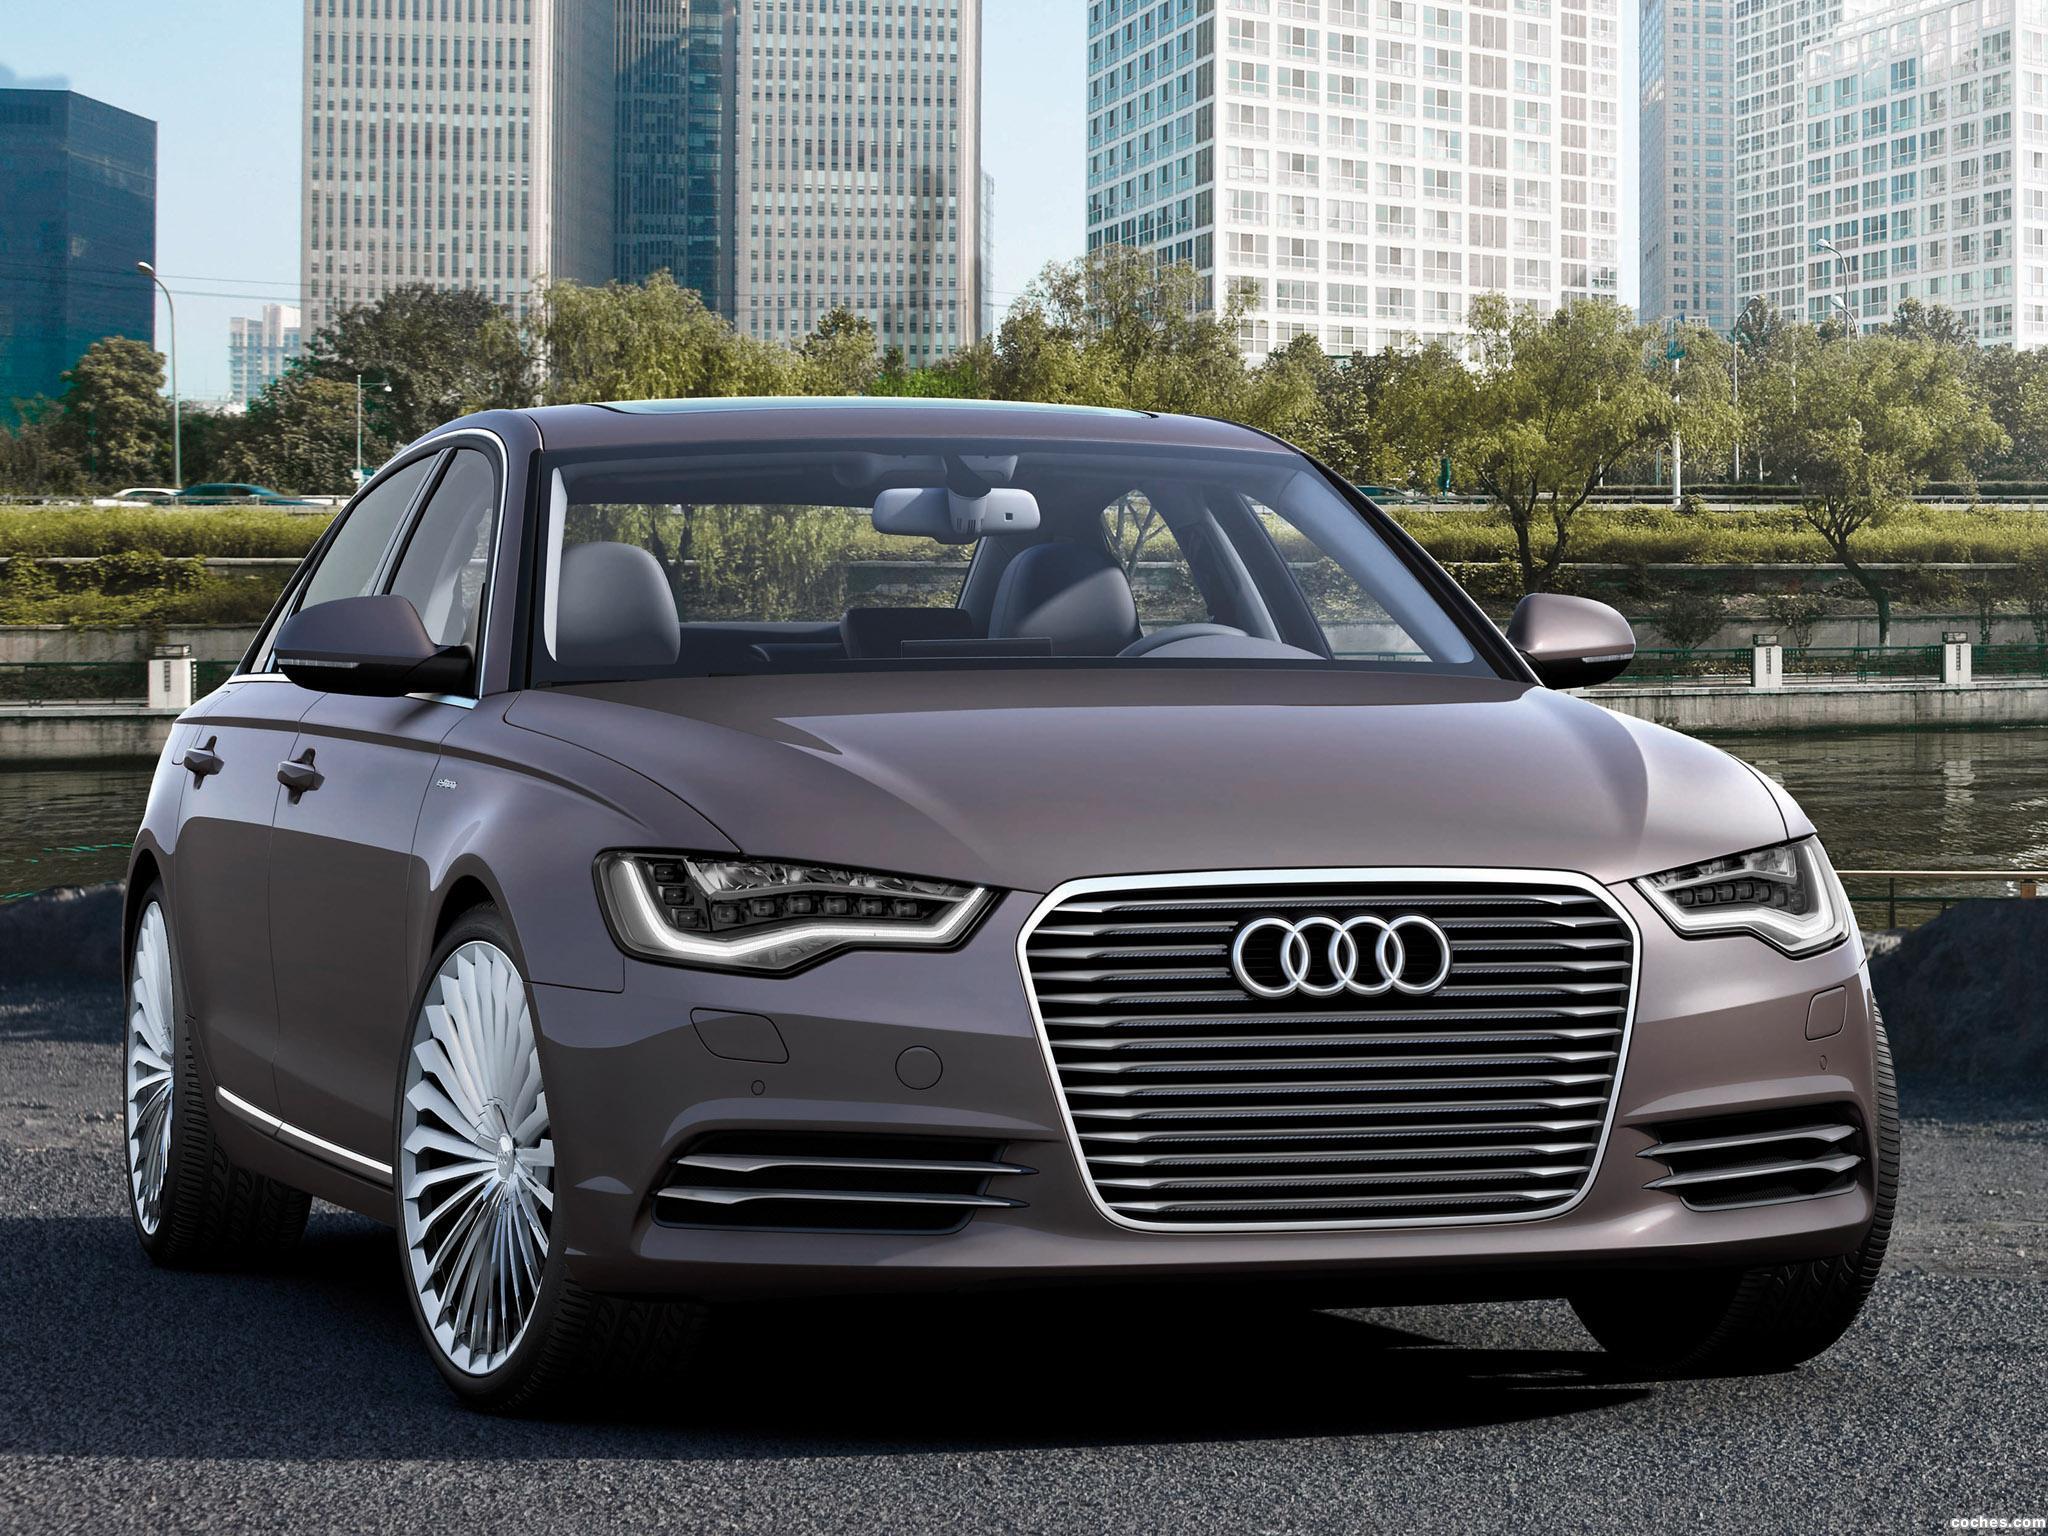 Foto 0 de Audi A6 L e-Tron Concept 2012